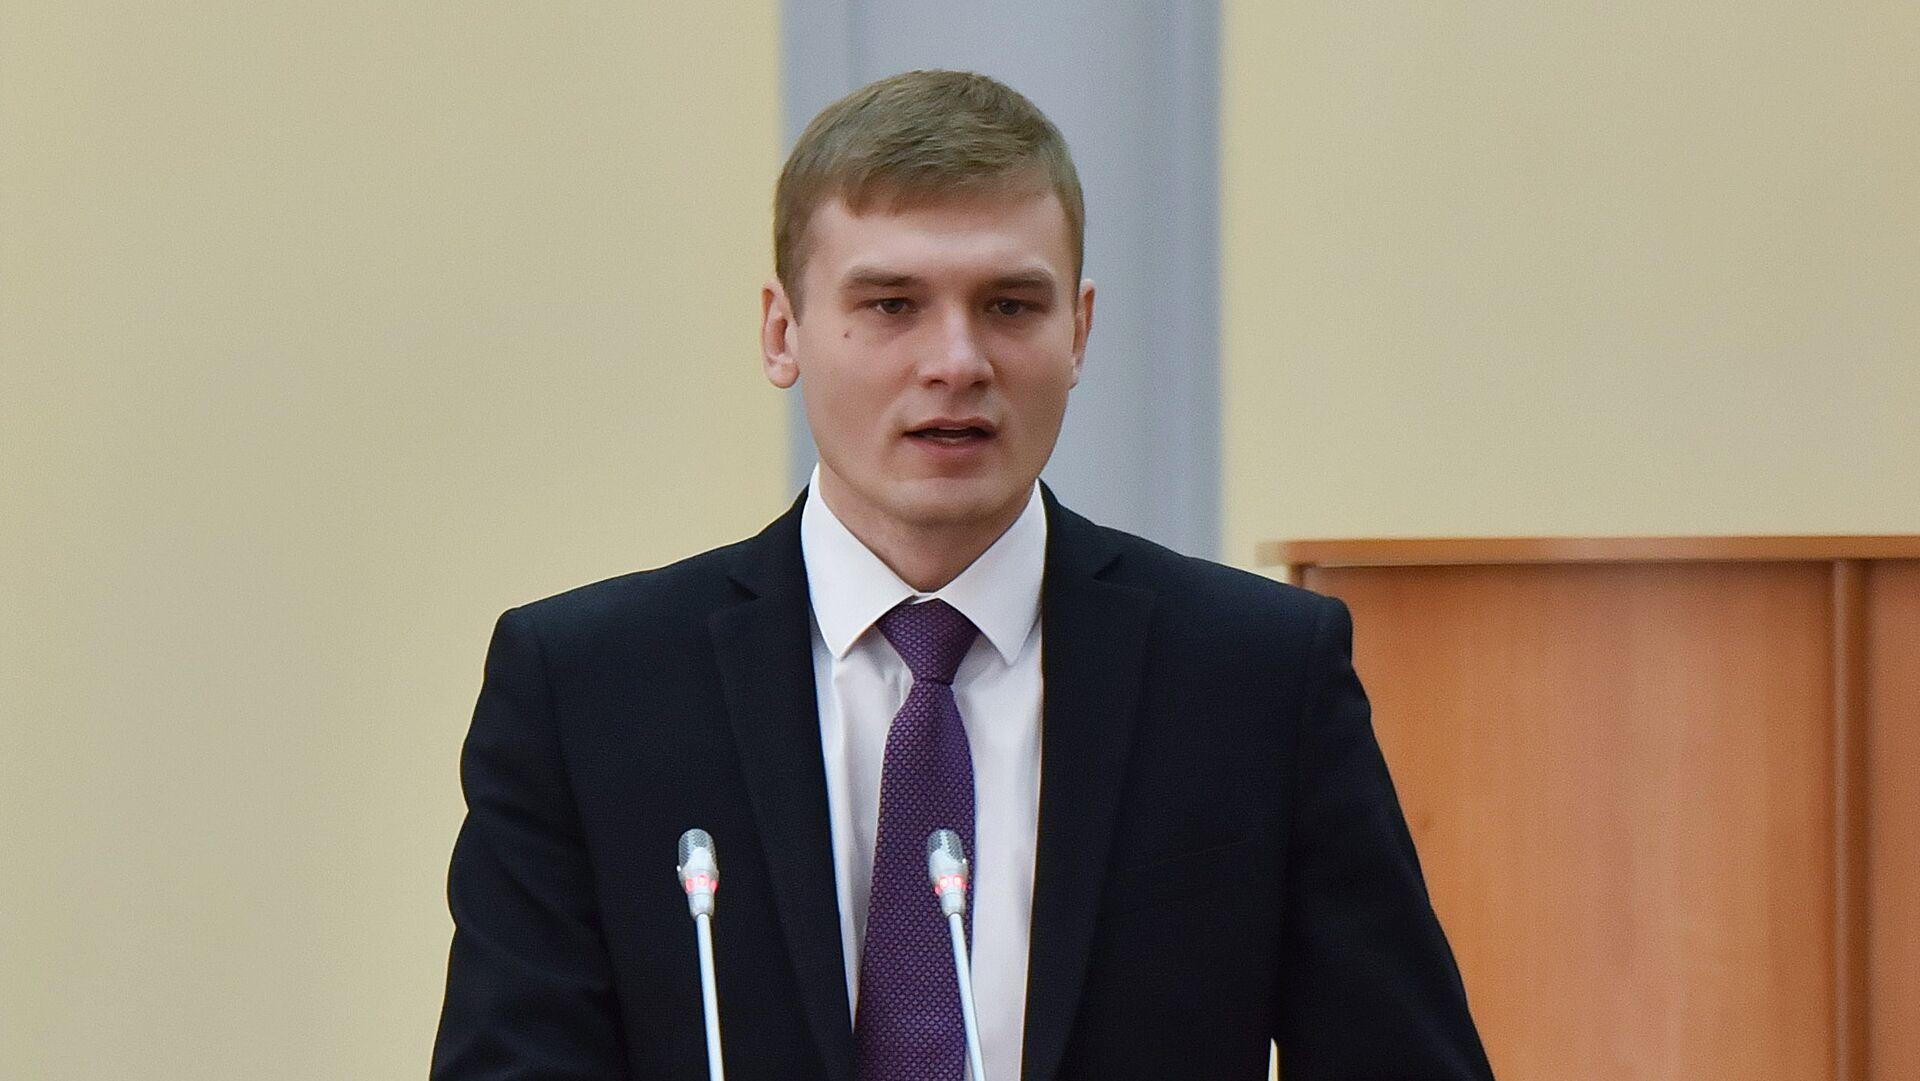 Избранный глава Республики Хакасия Валентин Коновалов на церемонии вступления в должность - РИА Новости, 1920, 10.04.2021